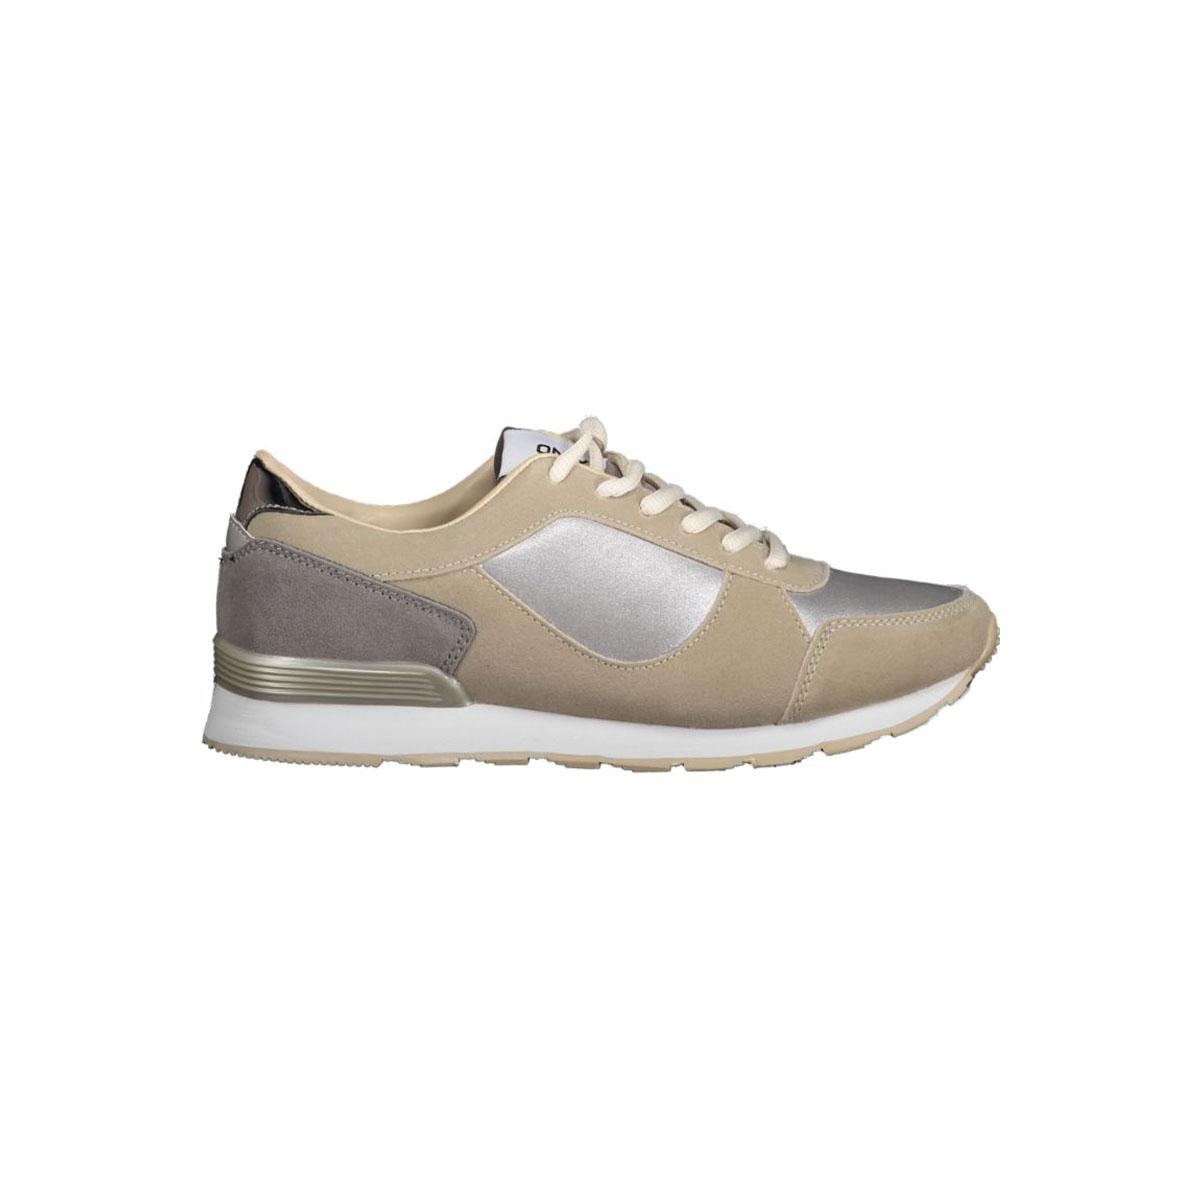 onlsillie sneaker 15131297 only sneaker glacier gray silver. Black Bedroom Furniture Sets. Home Design Ideas